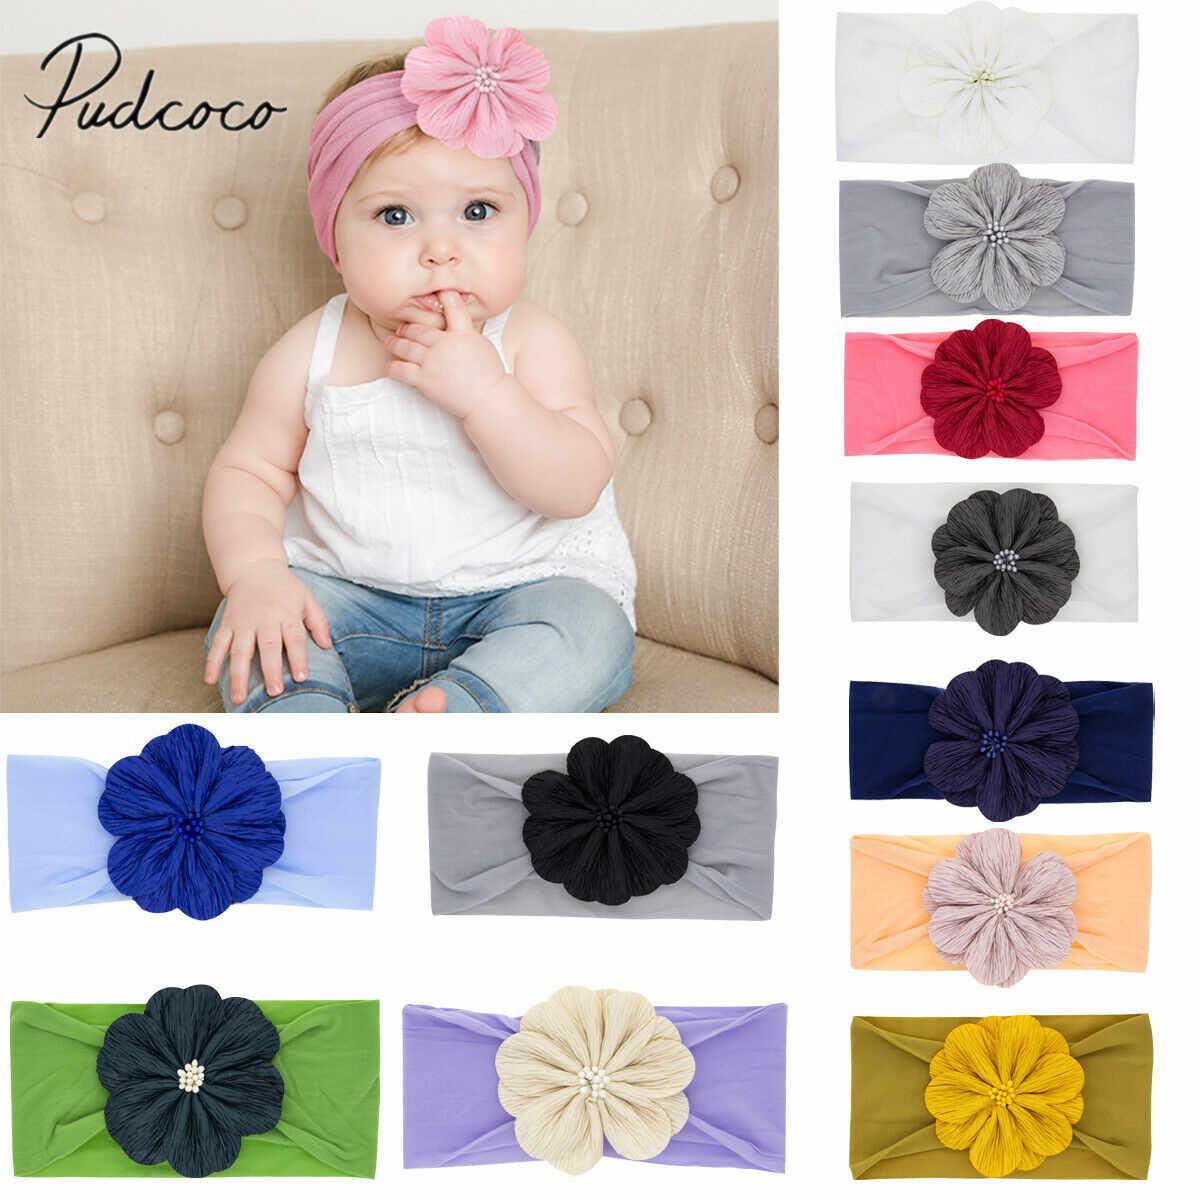 2019 accesorios para bebé recién nacido lindo bebé niñas niños diadema Algodón elástico bebé estampado Floral banda para el cabello niñas flor arco